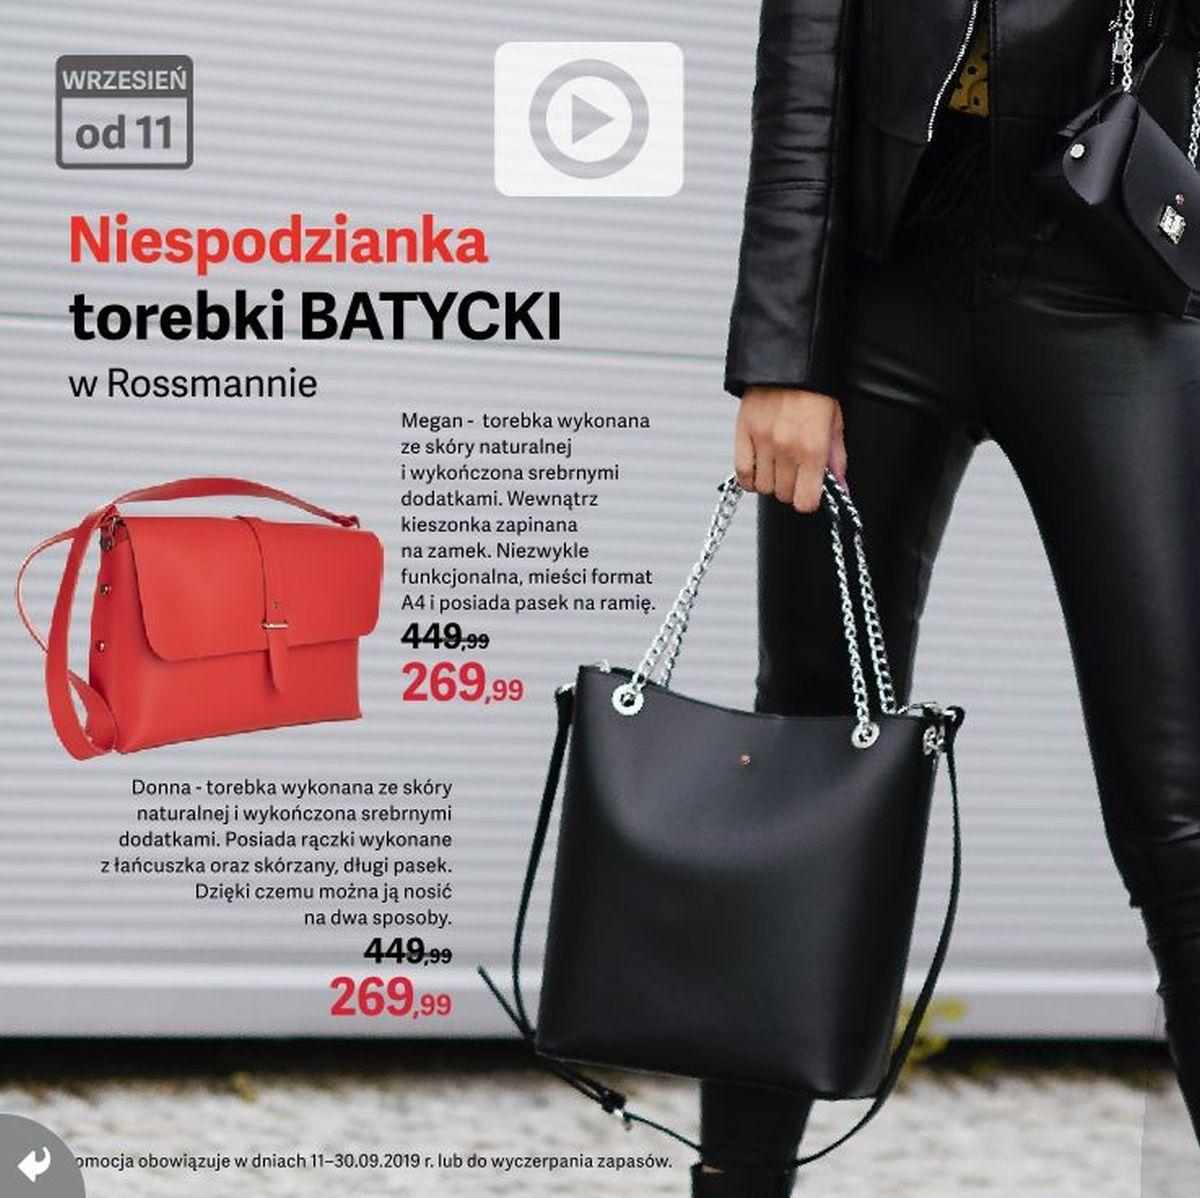 Gazetka promocyjna Rossmann do 15/09/2019 str.6